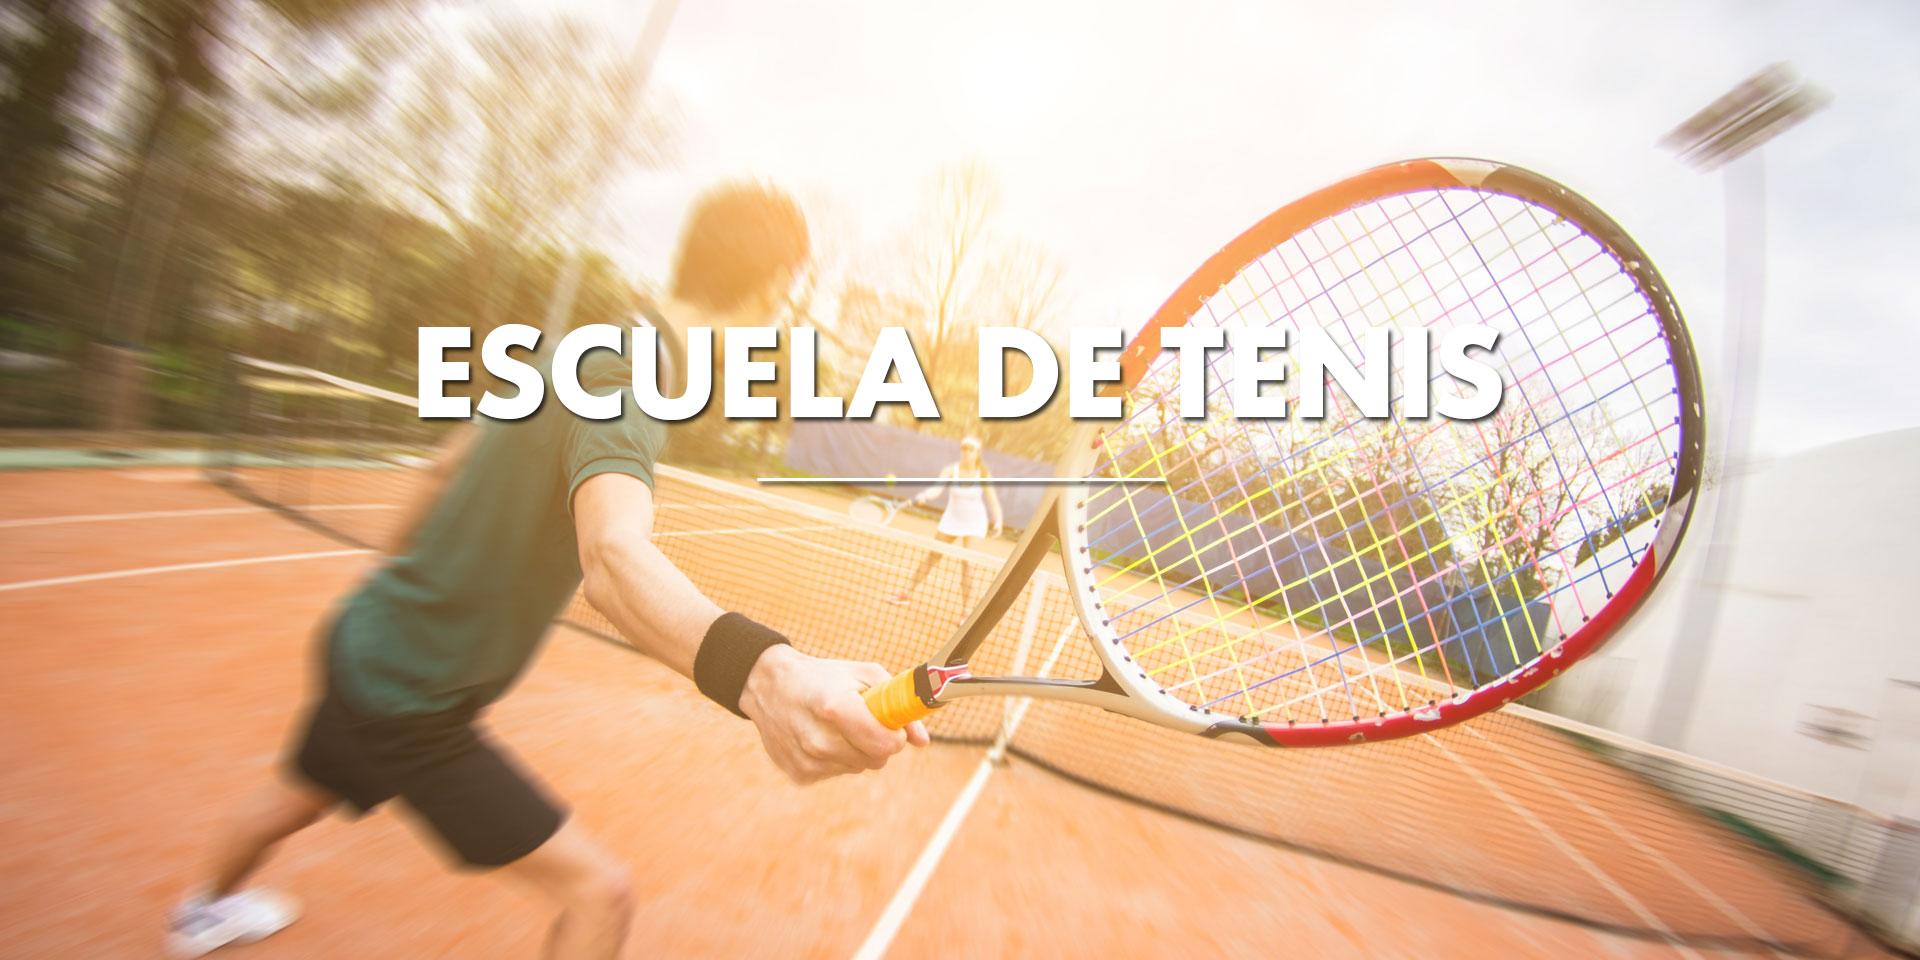 momo-escuela-tenis